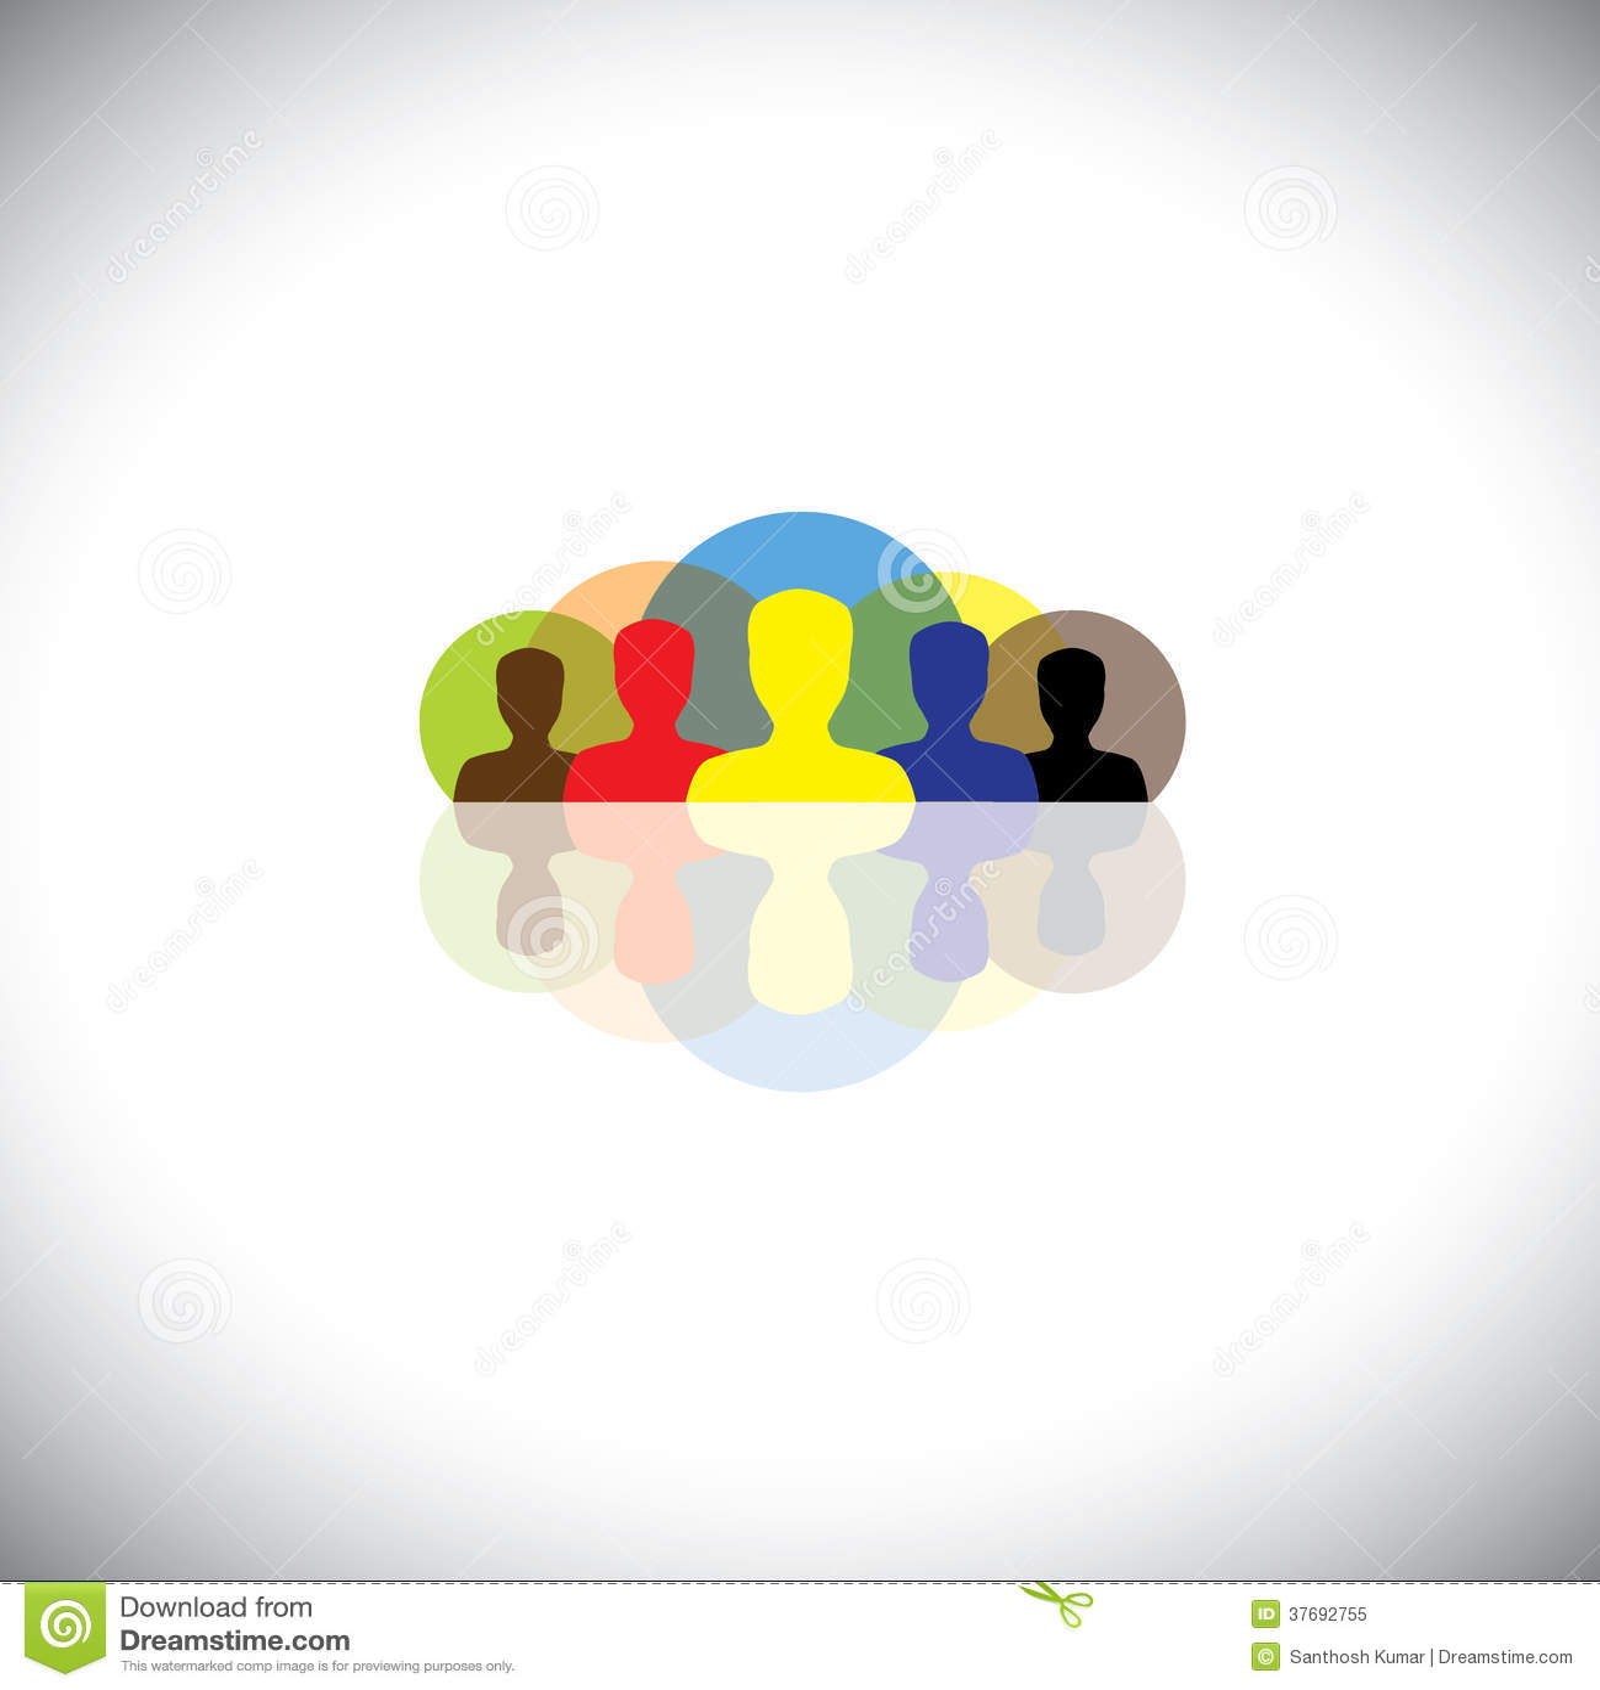 Ledare & ledarskap i corporates & företag - vektorbegrepp